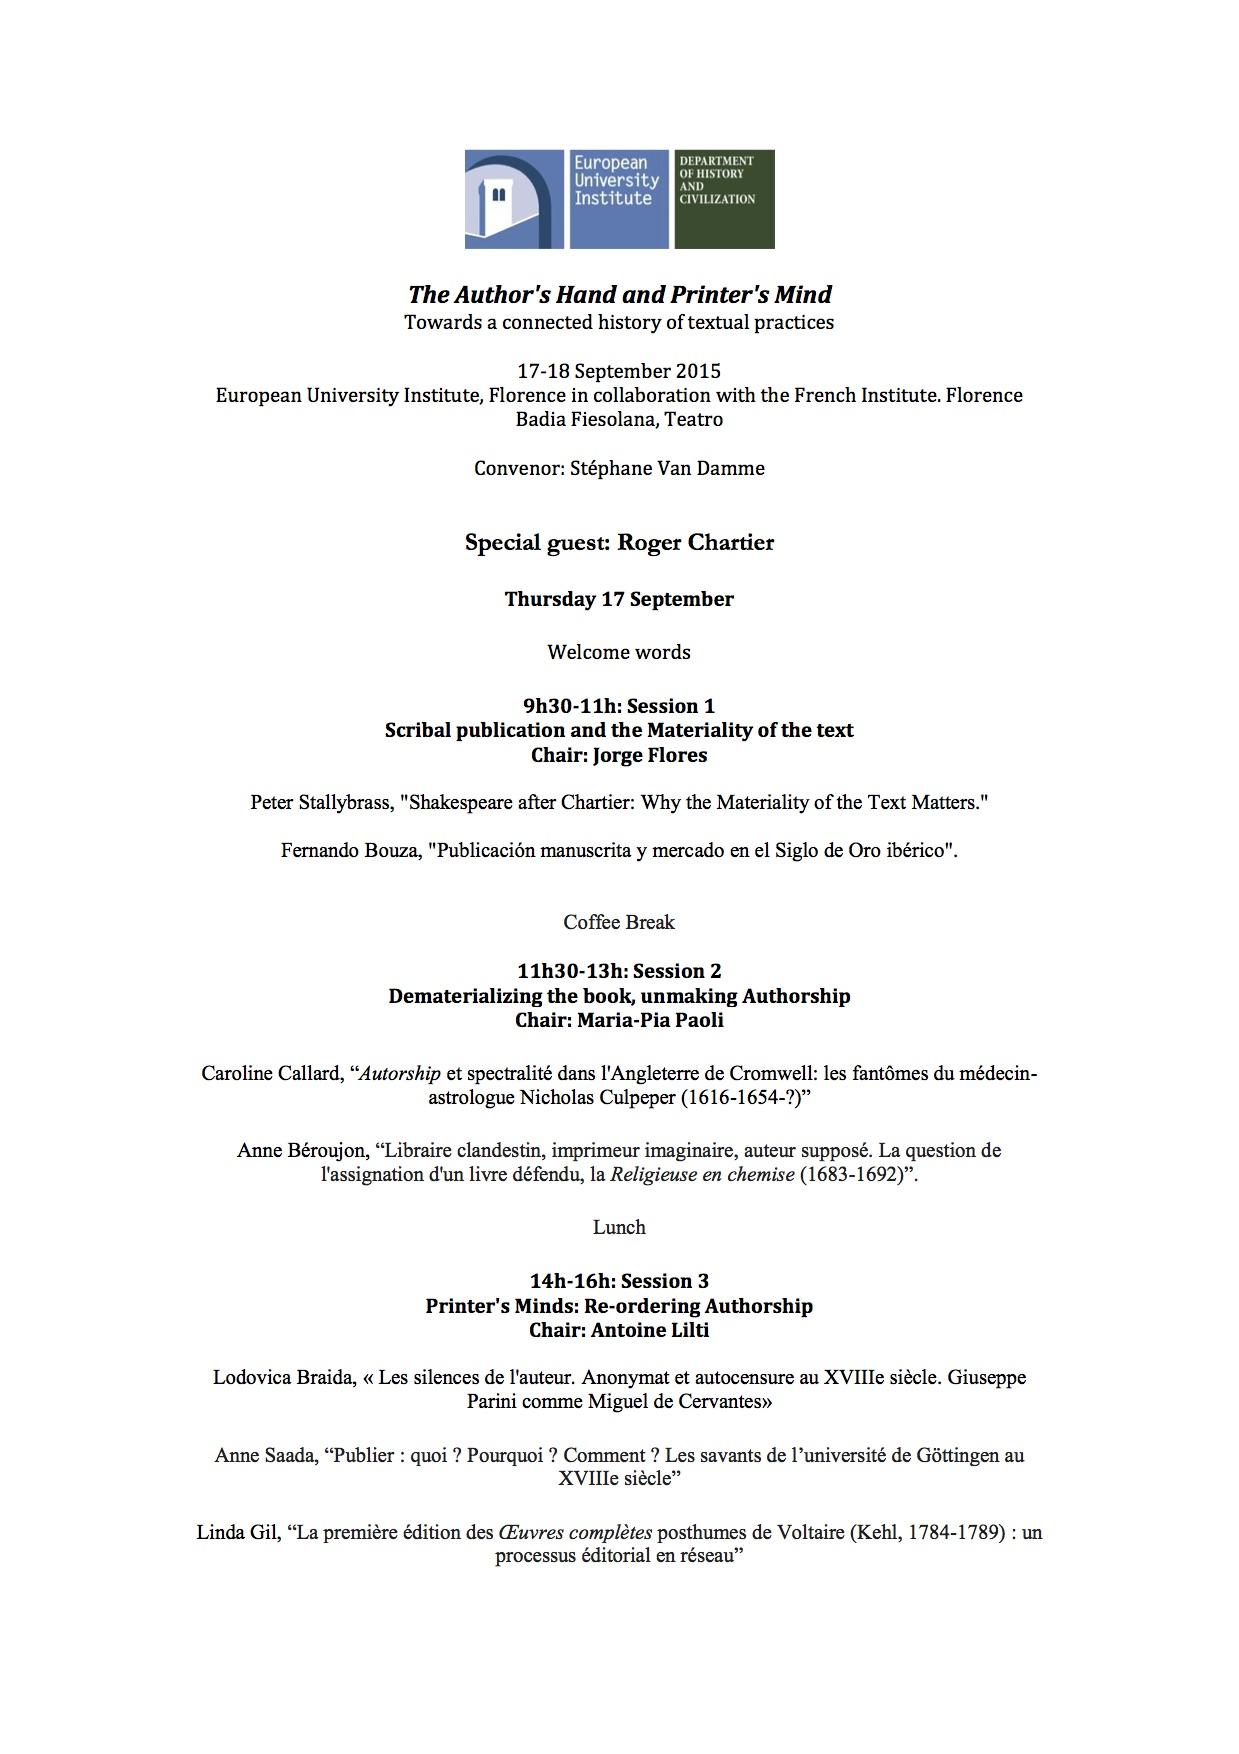 FINALProgrammeChartierSept2015